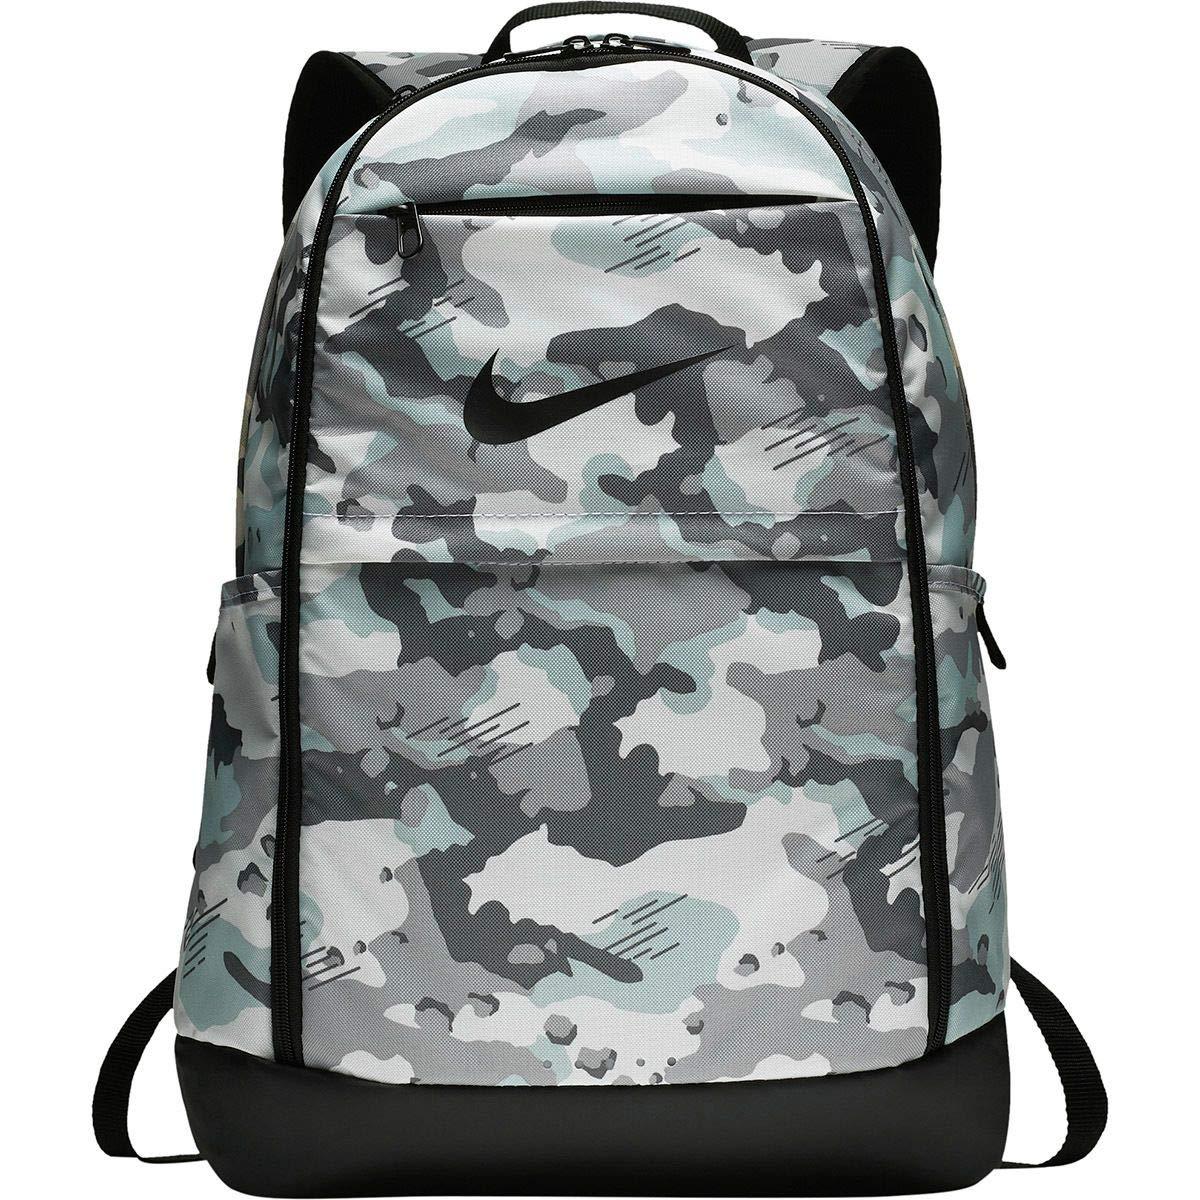 [ナイキ] メンズ バックパックリュックサック Brasilia XL Backpack [並行輸入品] B07P53S6MH  No-Size